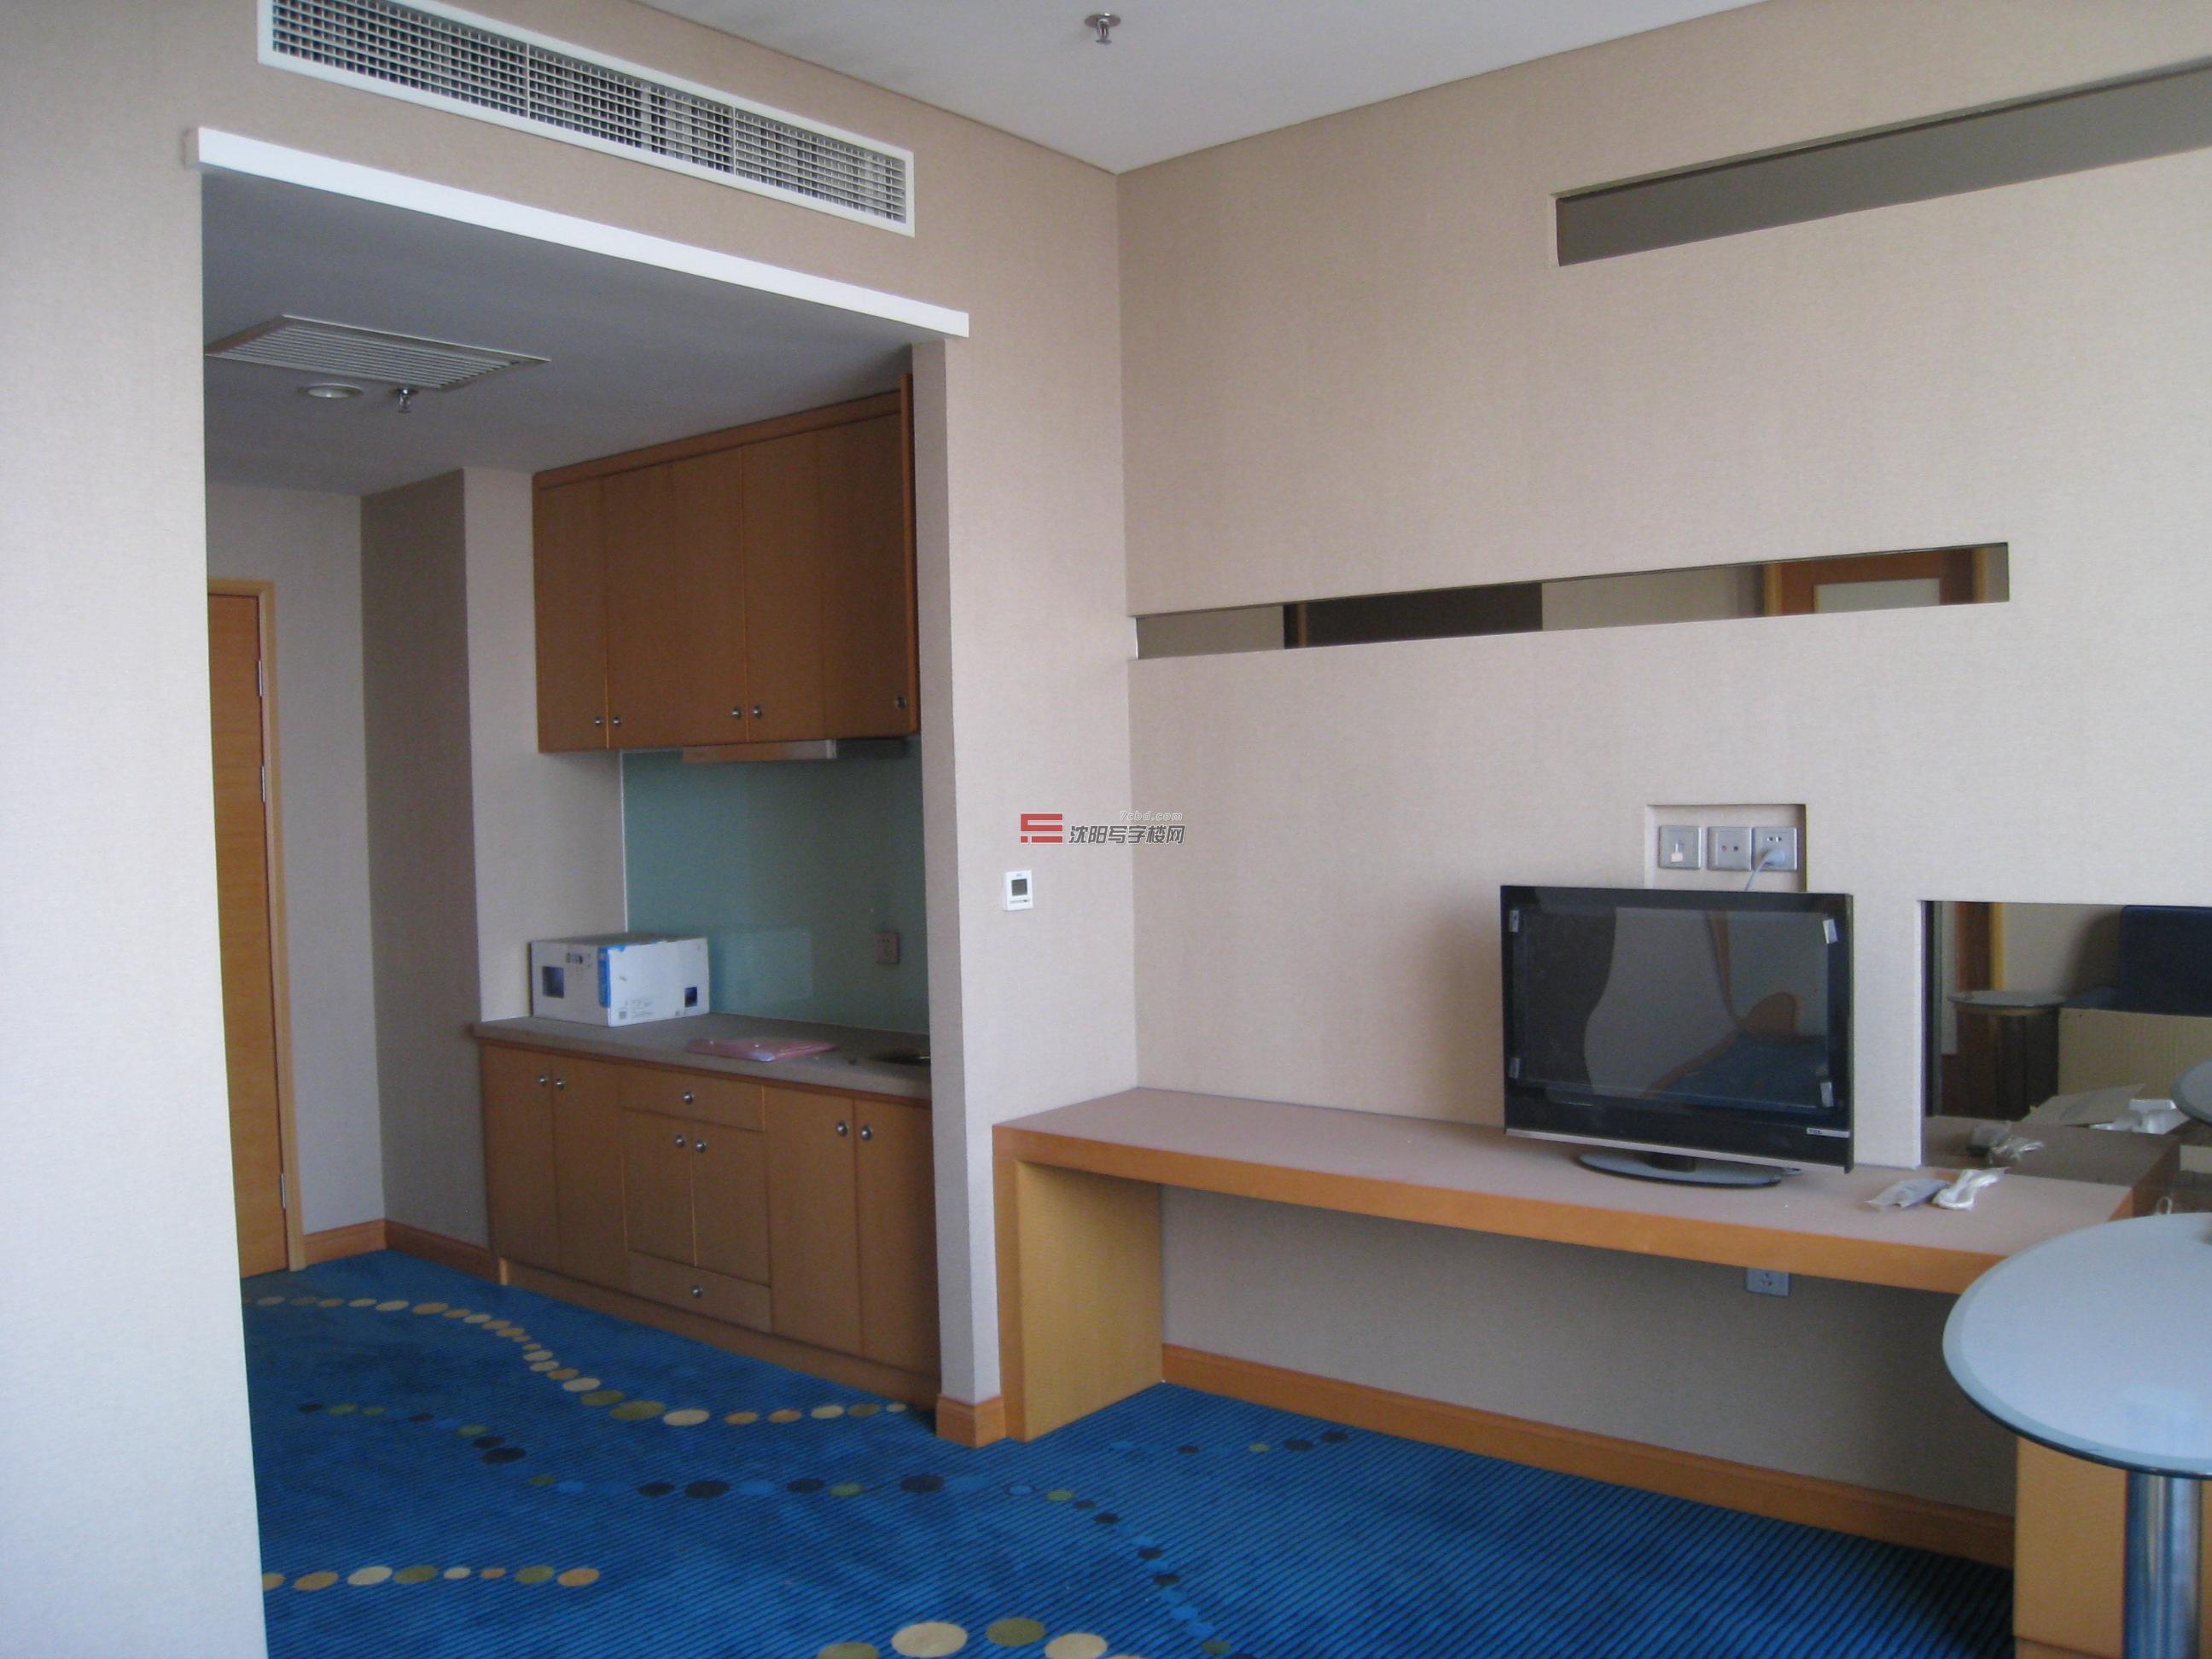 沈阳公寓出租房源,87平,酒店式公寓,精装修,办公设施